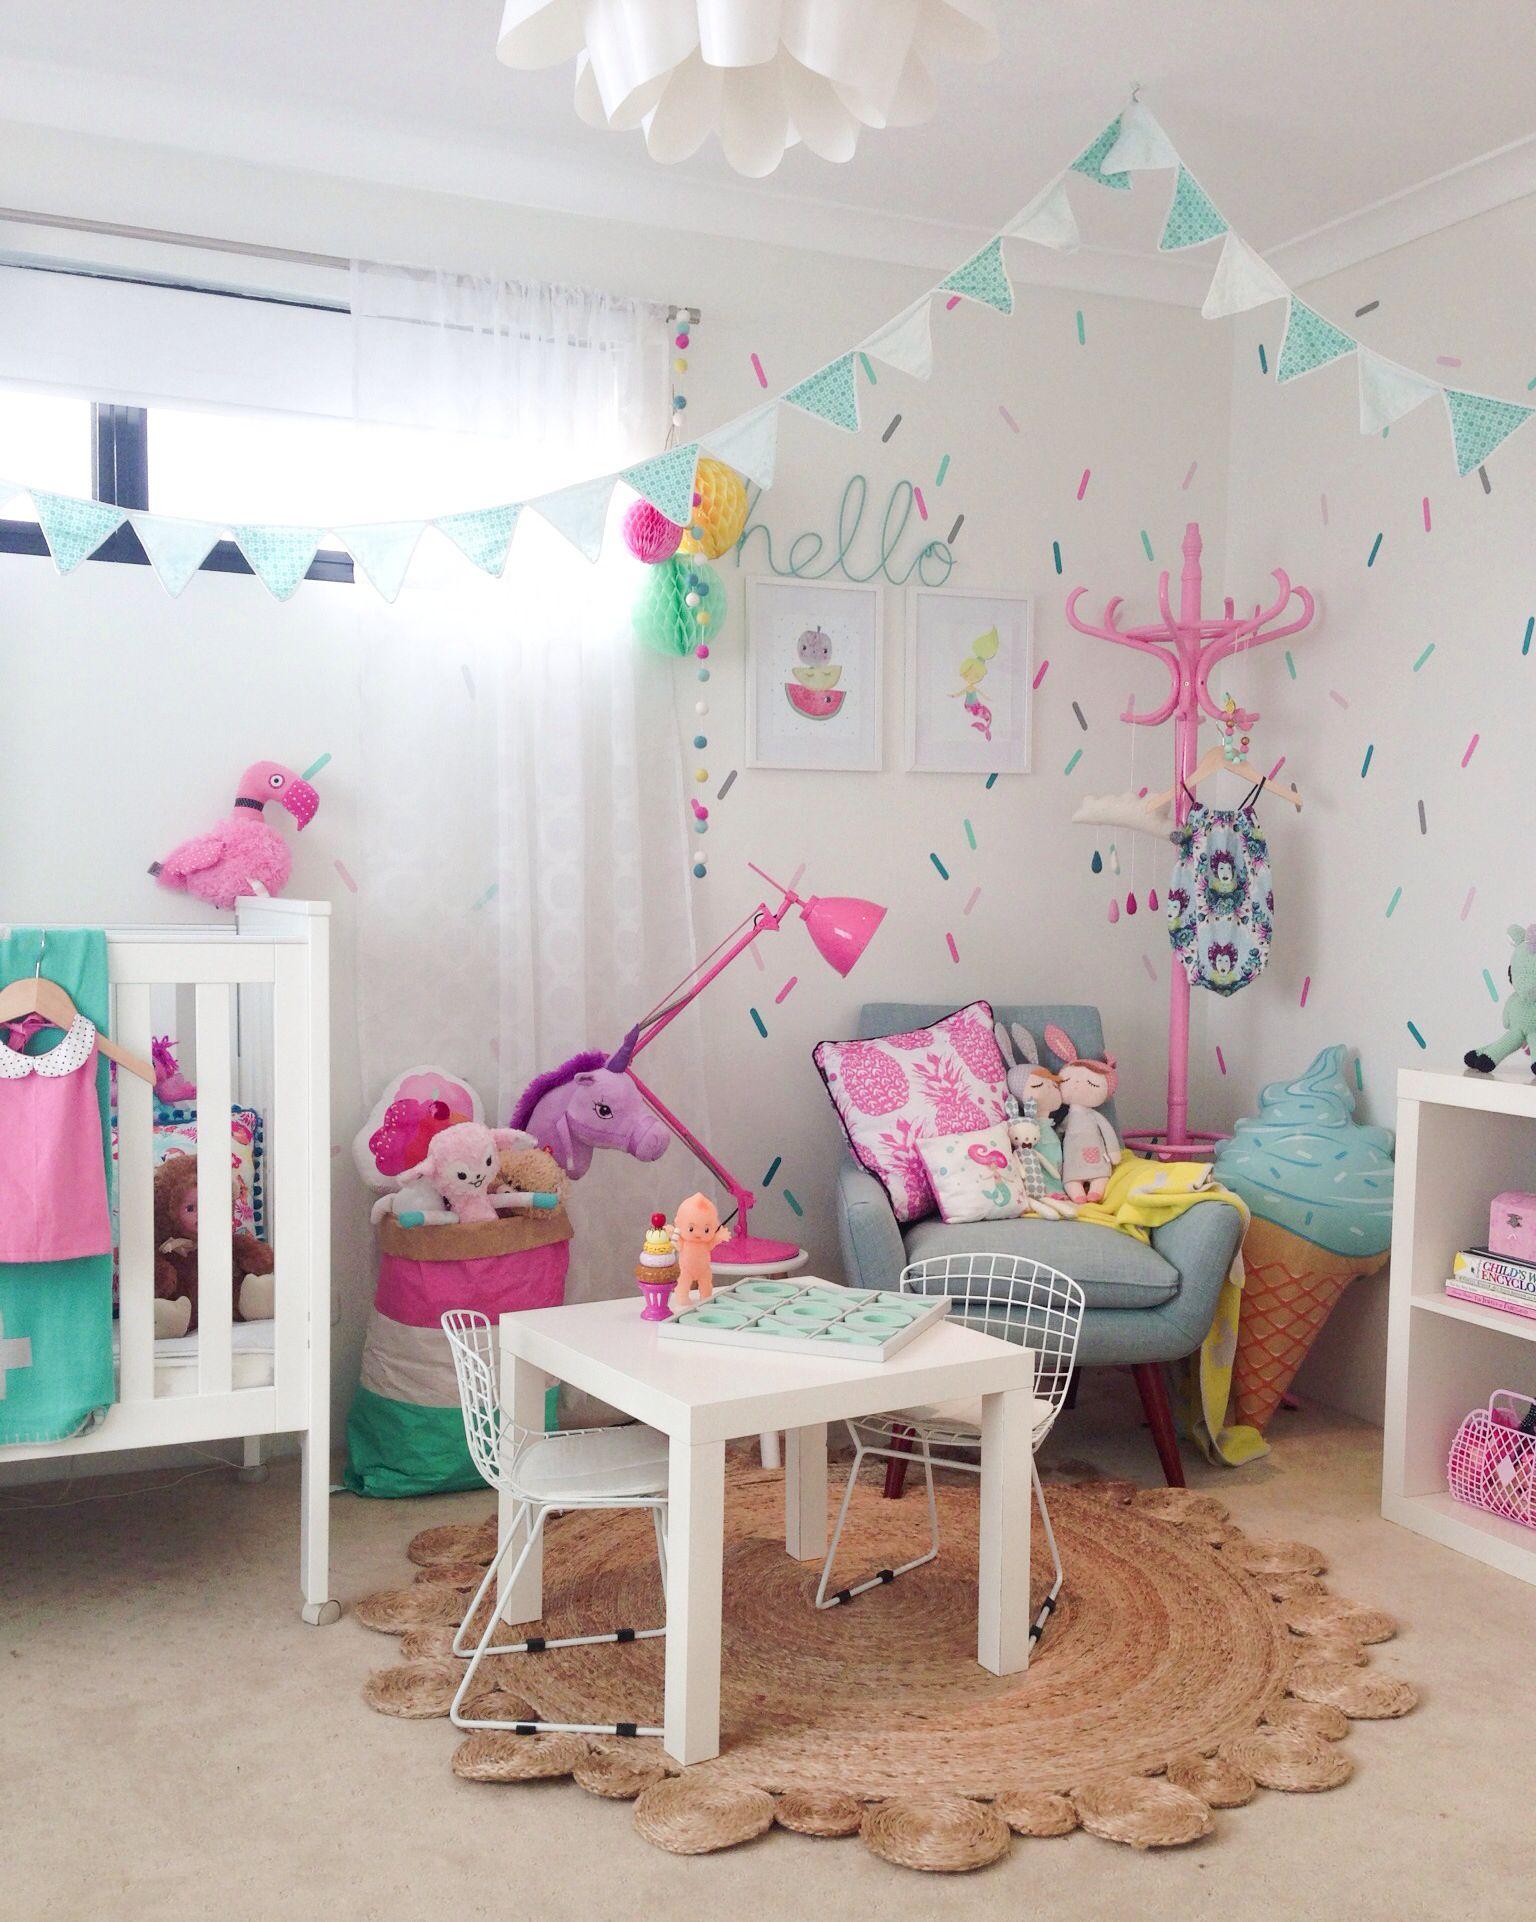 Indi 39 s space by fourcheekymonkeys deco dormitorios de for Ejemplo de dormitorio deco